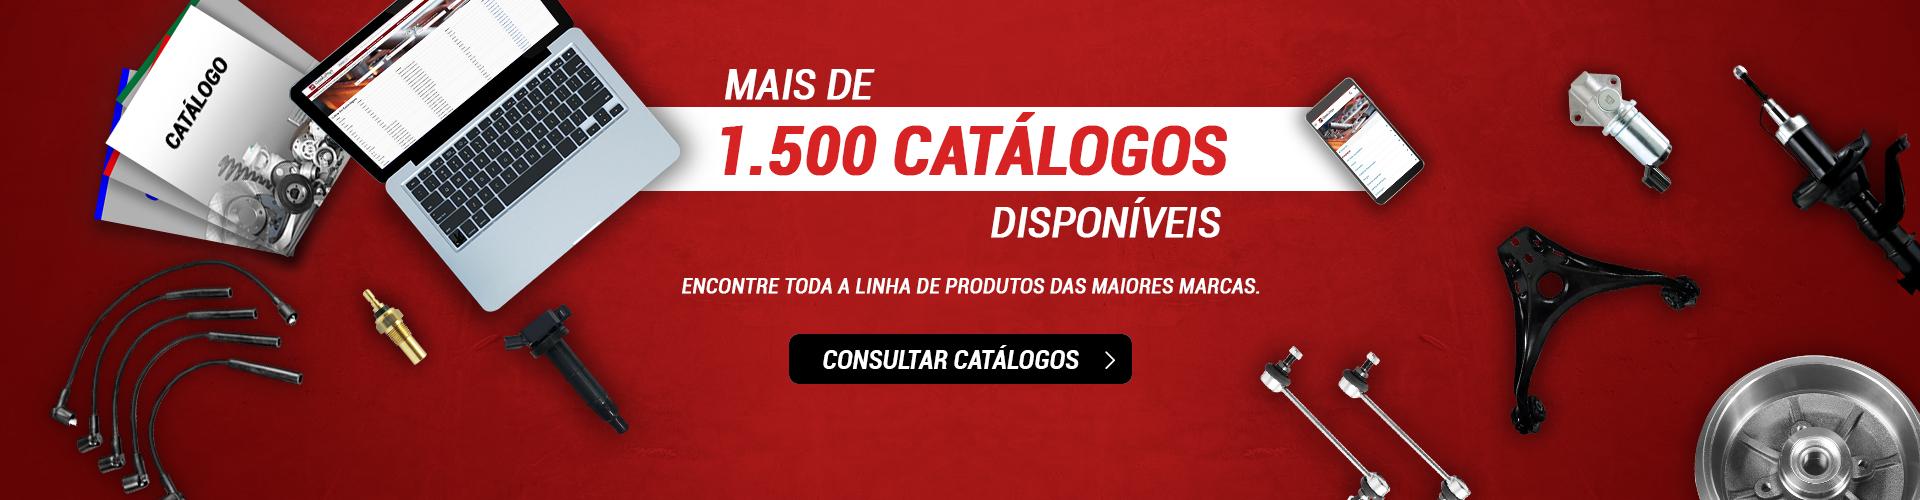 Conheça os catálogos!